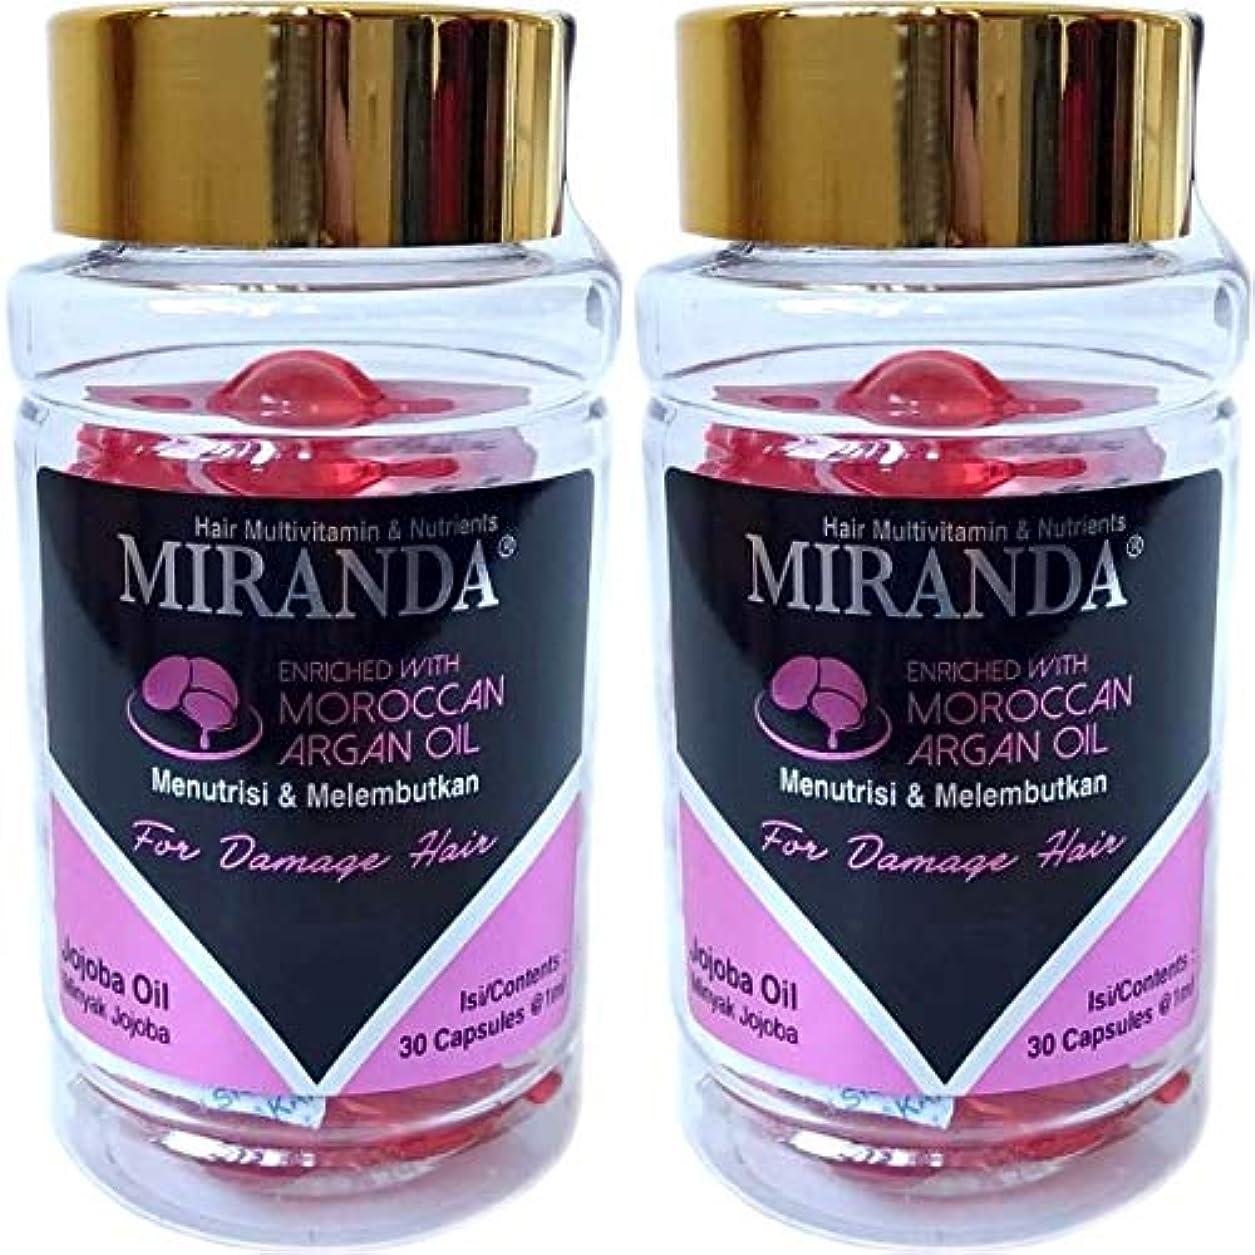 傾いたブラシ殺人者MIRANDA ミランダ Hair Multivitamin&Nutrients ヘアマルチビタミン ニュートリエンツ 洗い流さないヘアトリートメント 30粒入ボトル×2個セット Jojoba oil ホホバオイル [海外直送品]